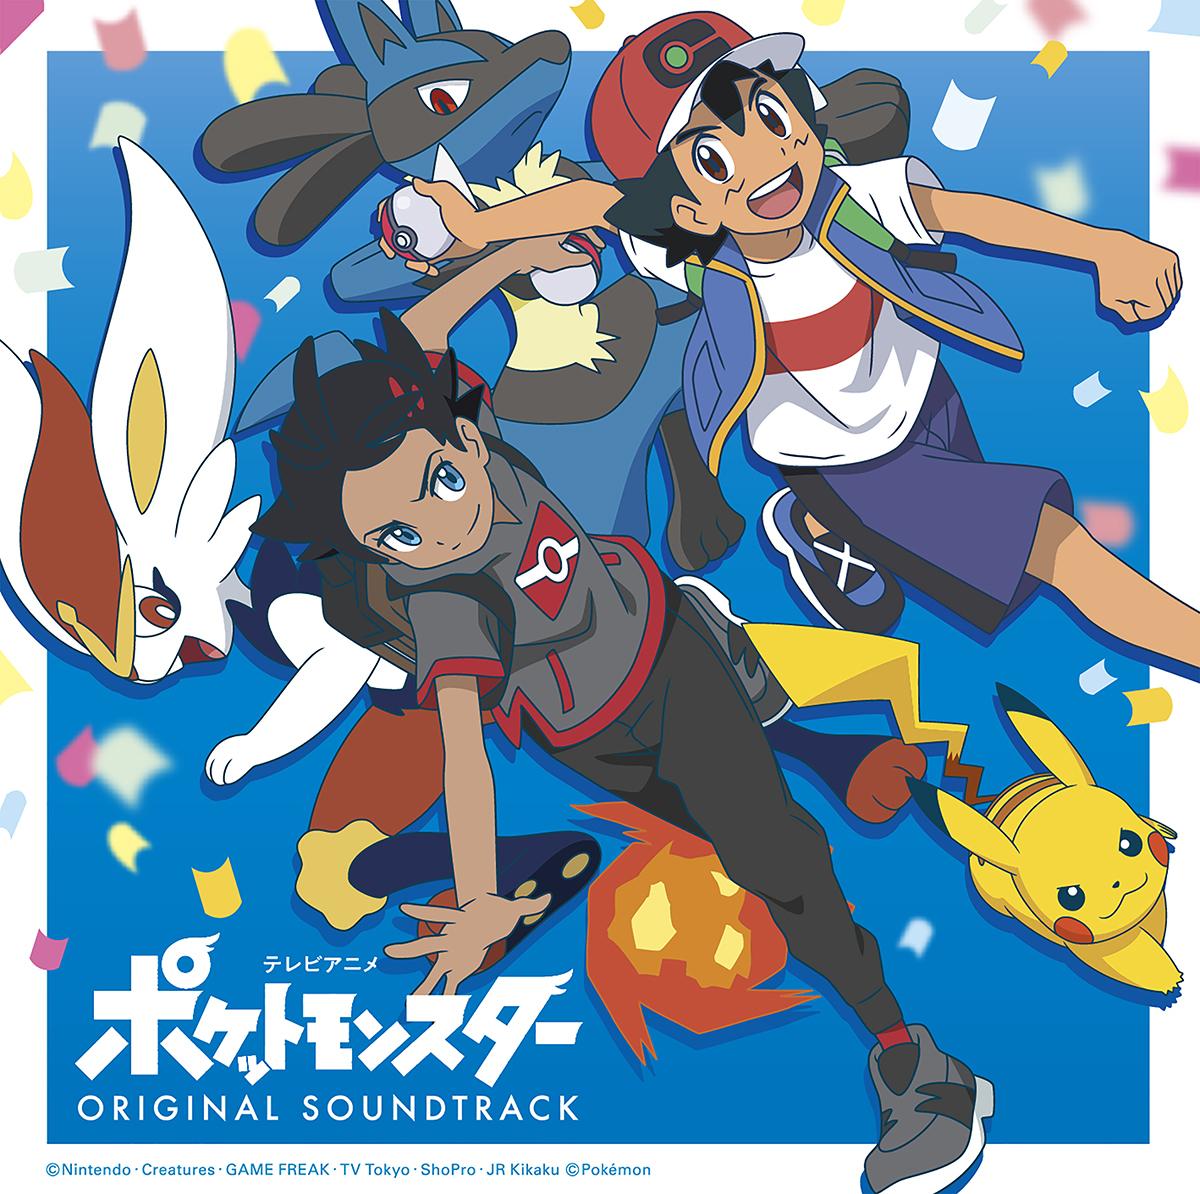 『テレビアニメ ポケットモンスター オリジナル・サウンドトラック』ジャケット (C)Nintendo・Creatures・GAME FREAK・TV Tokyo・ShoPro・JR Kikaku (C) Pokémon